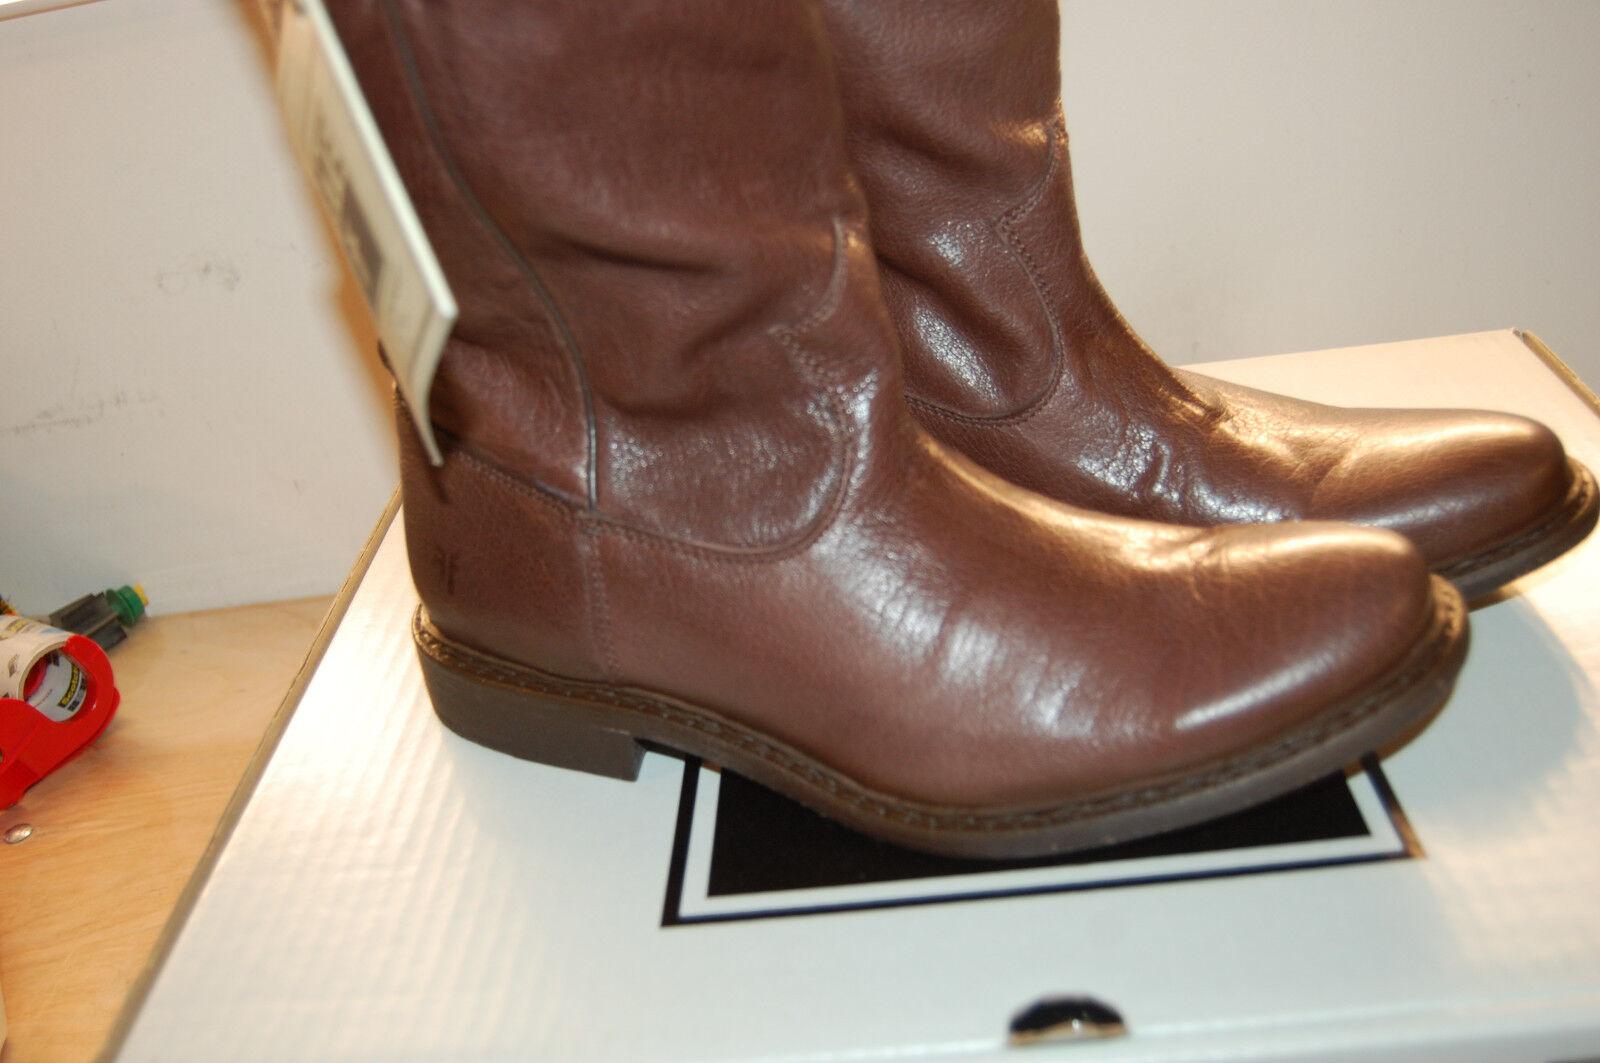 Nuevas En Caja botas De Cuero Frye Marco Roper  7.5 M marrón oscuro Goodyear Welted